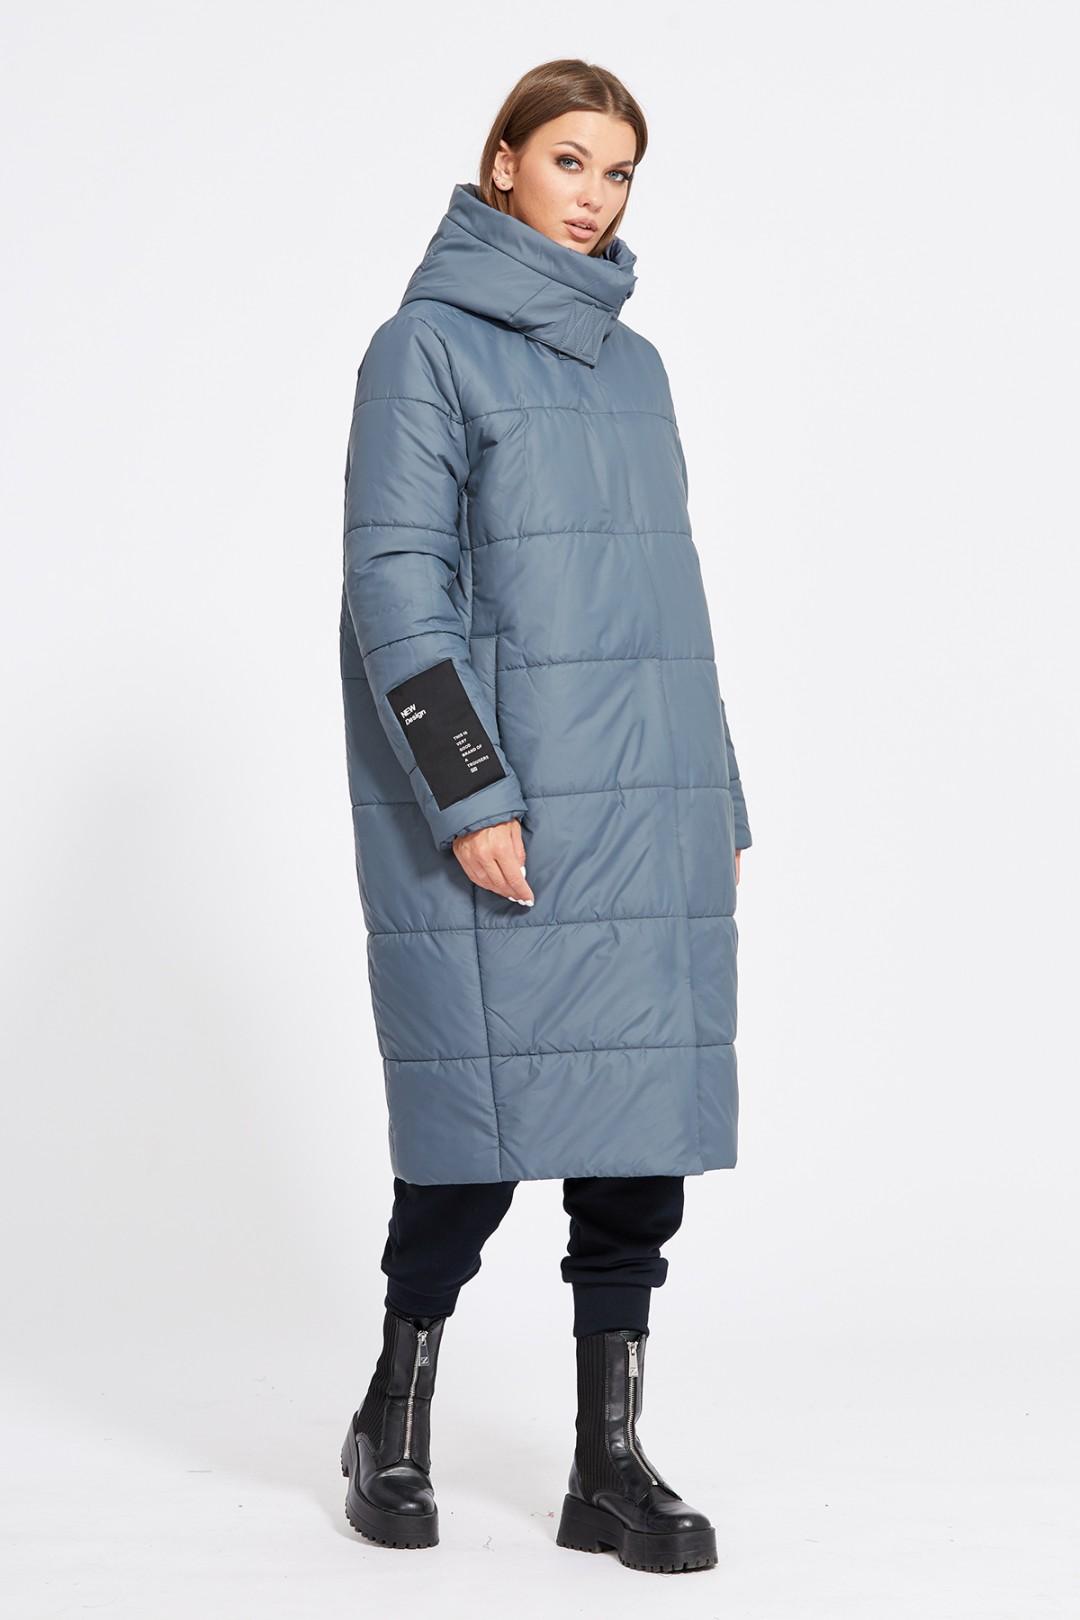 Пальто Эола Стиль 2079 серо-синий